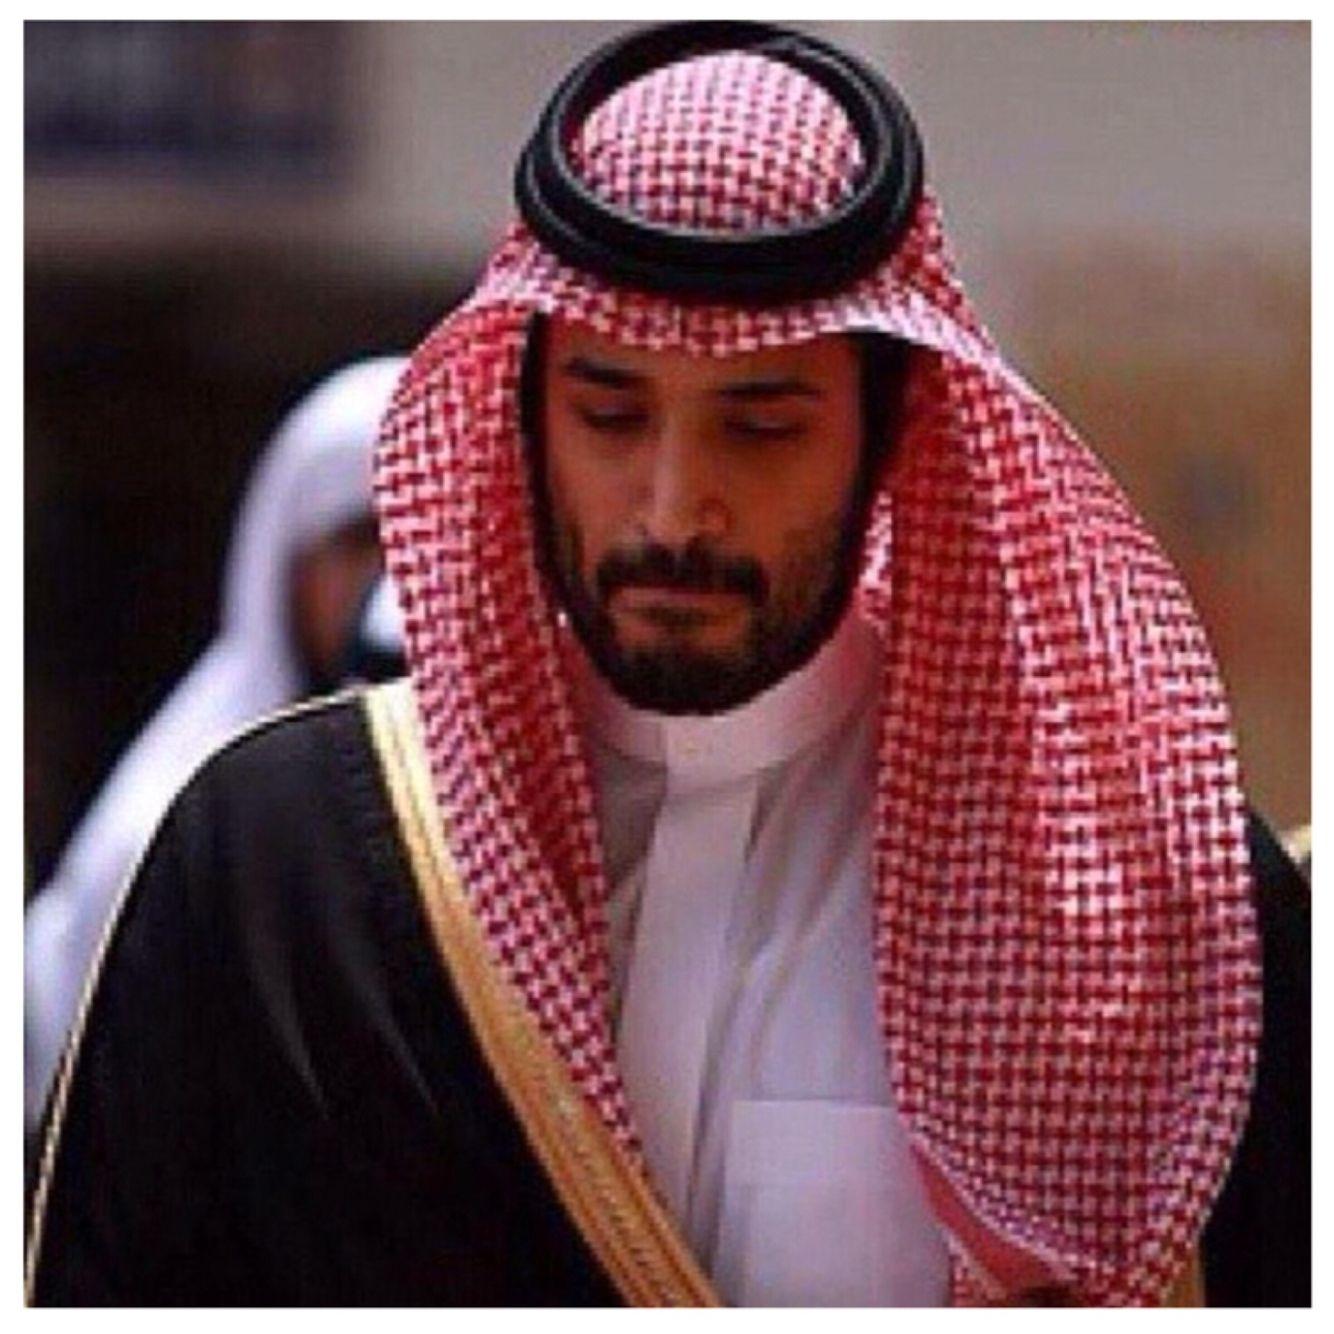 Mohammed Bin Salman Saudi Men Hair Wrap Scarf National Day Saudi